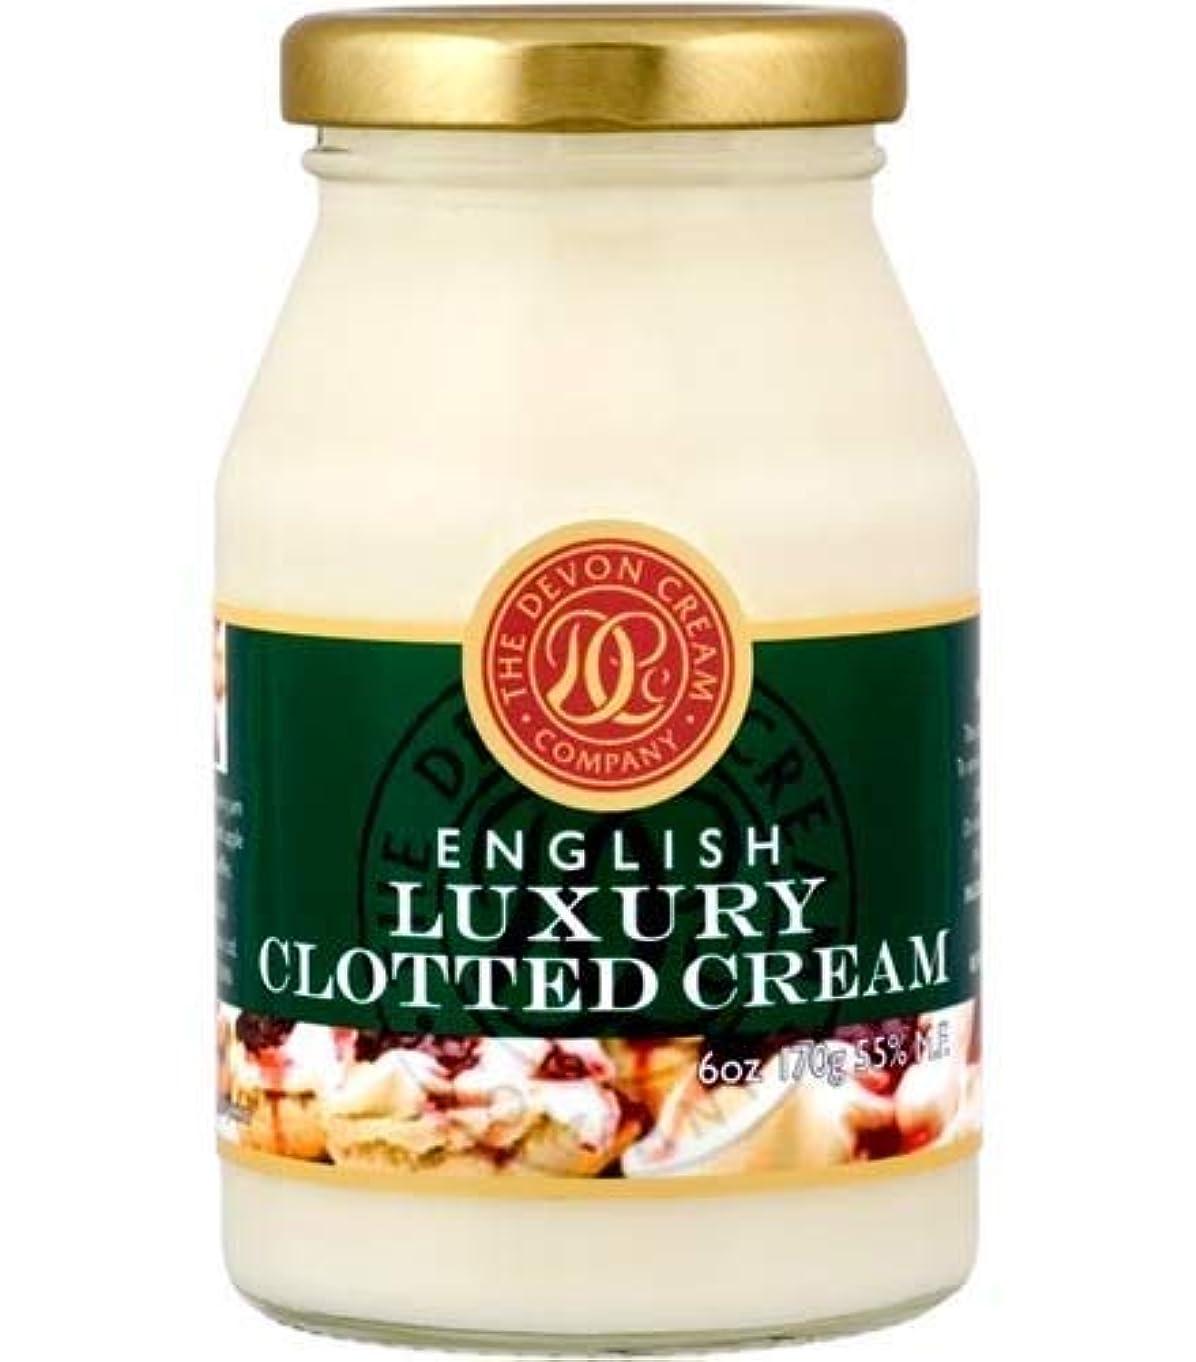 便利さ洪水刺激するThe Devon Cream Company Clotted Cream 6oz [並行輸入品]